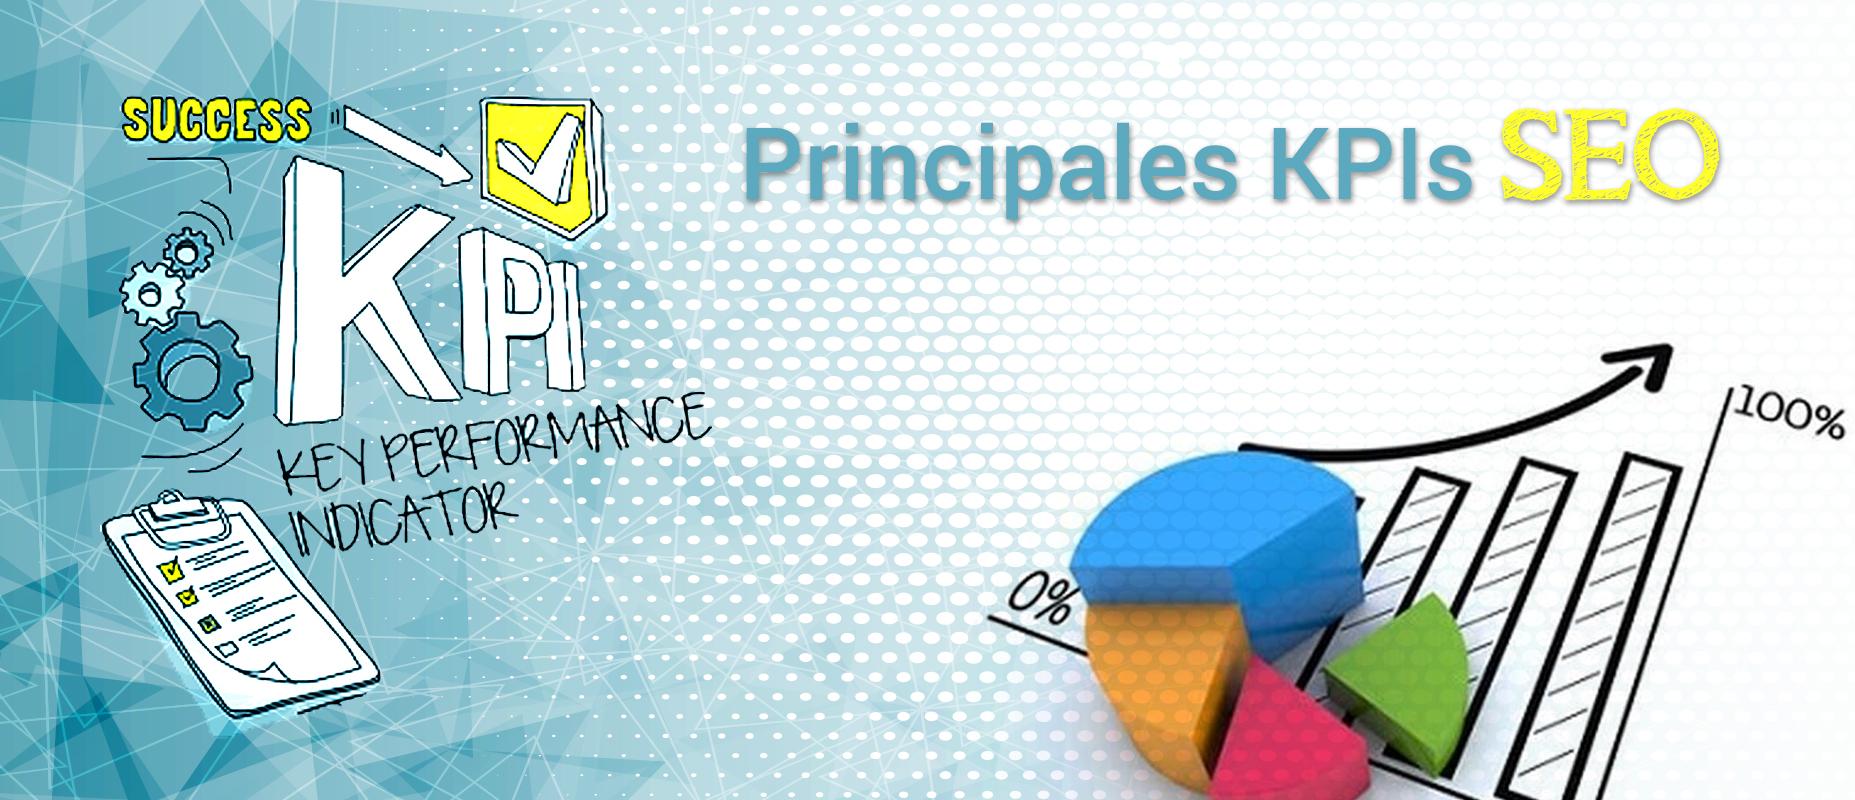 Principales KPIS SEO para el análisis SEO